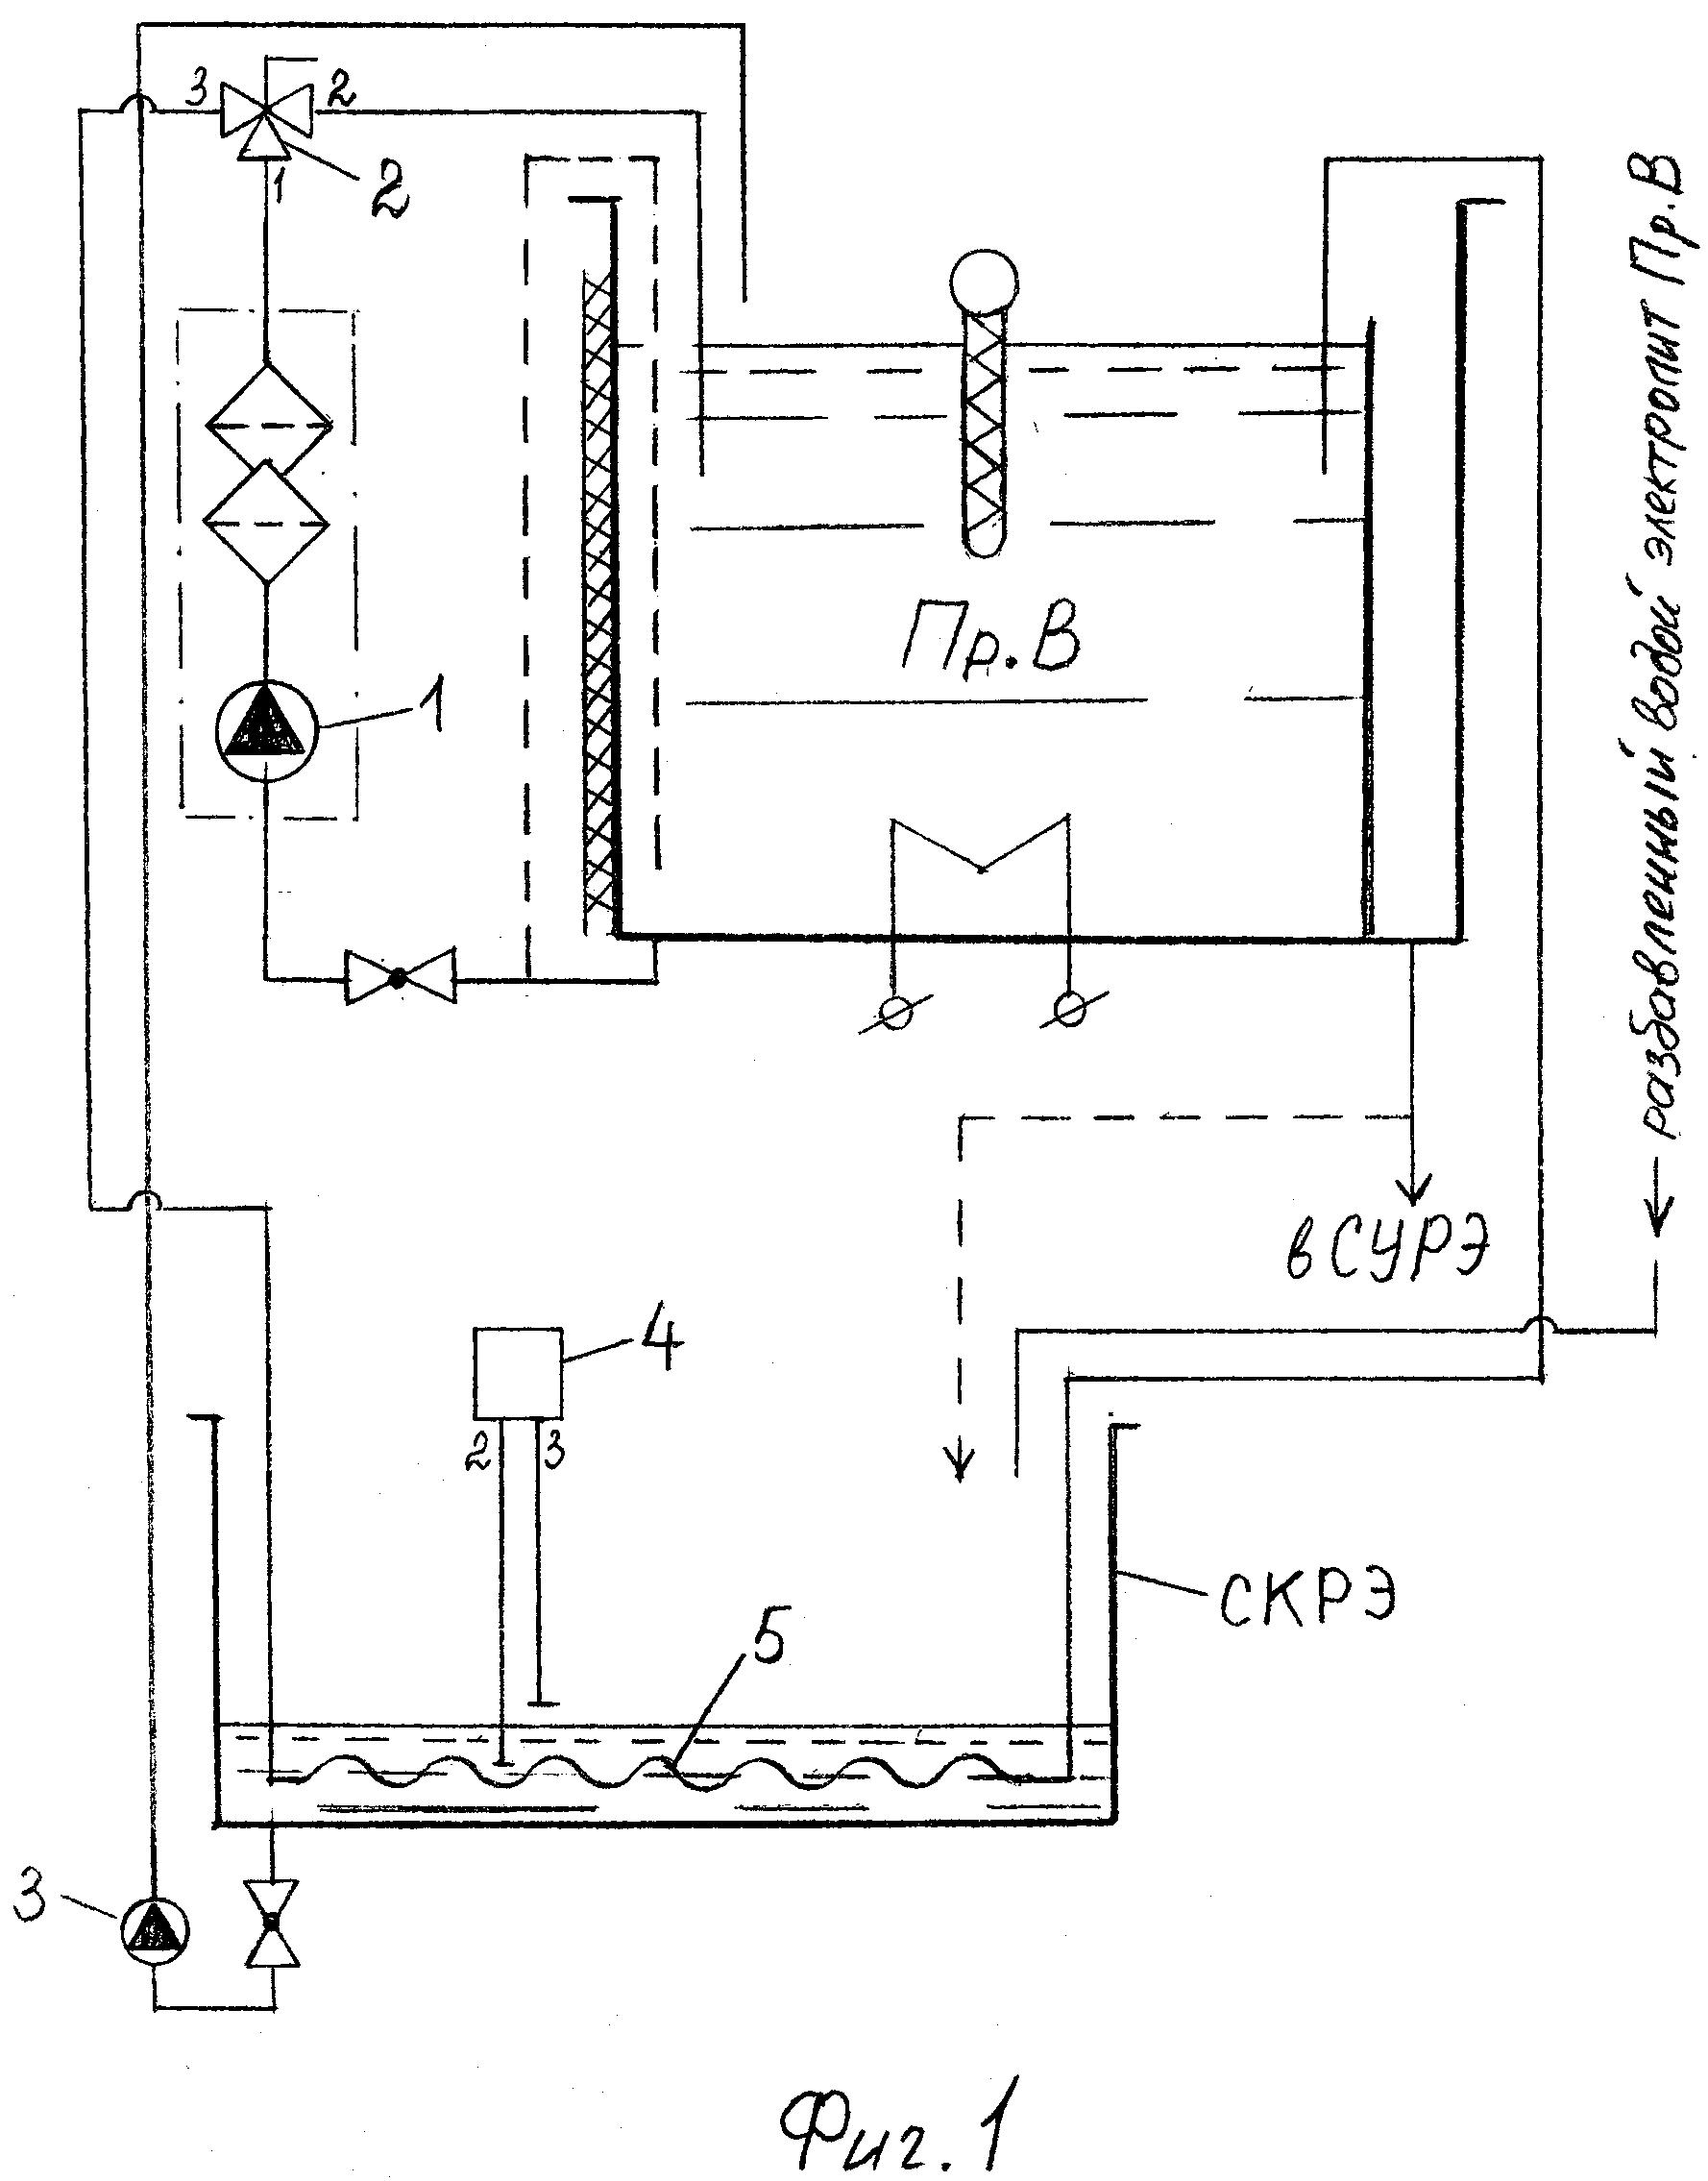 Способ концентрирования разбавленного электролита выполненной с нагревом процессной ванны реализованного в двухуровневой компоновке операционного модуля бессточной гальванохимической обработки